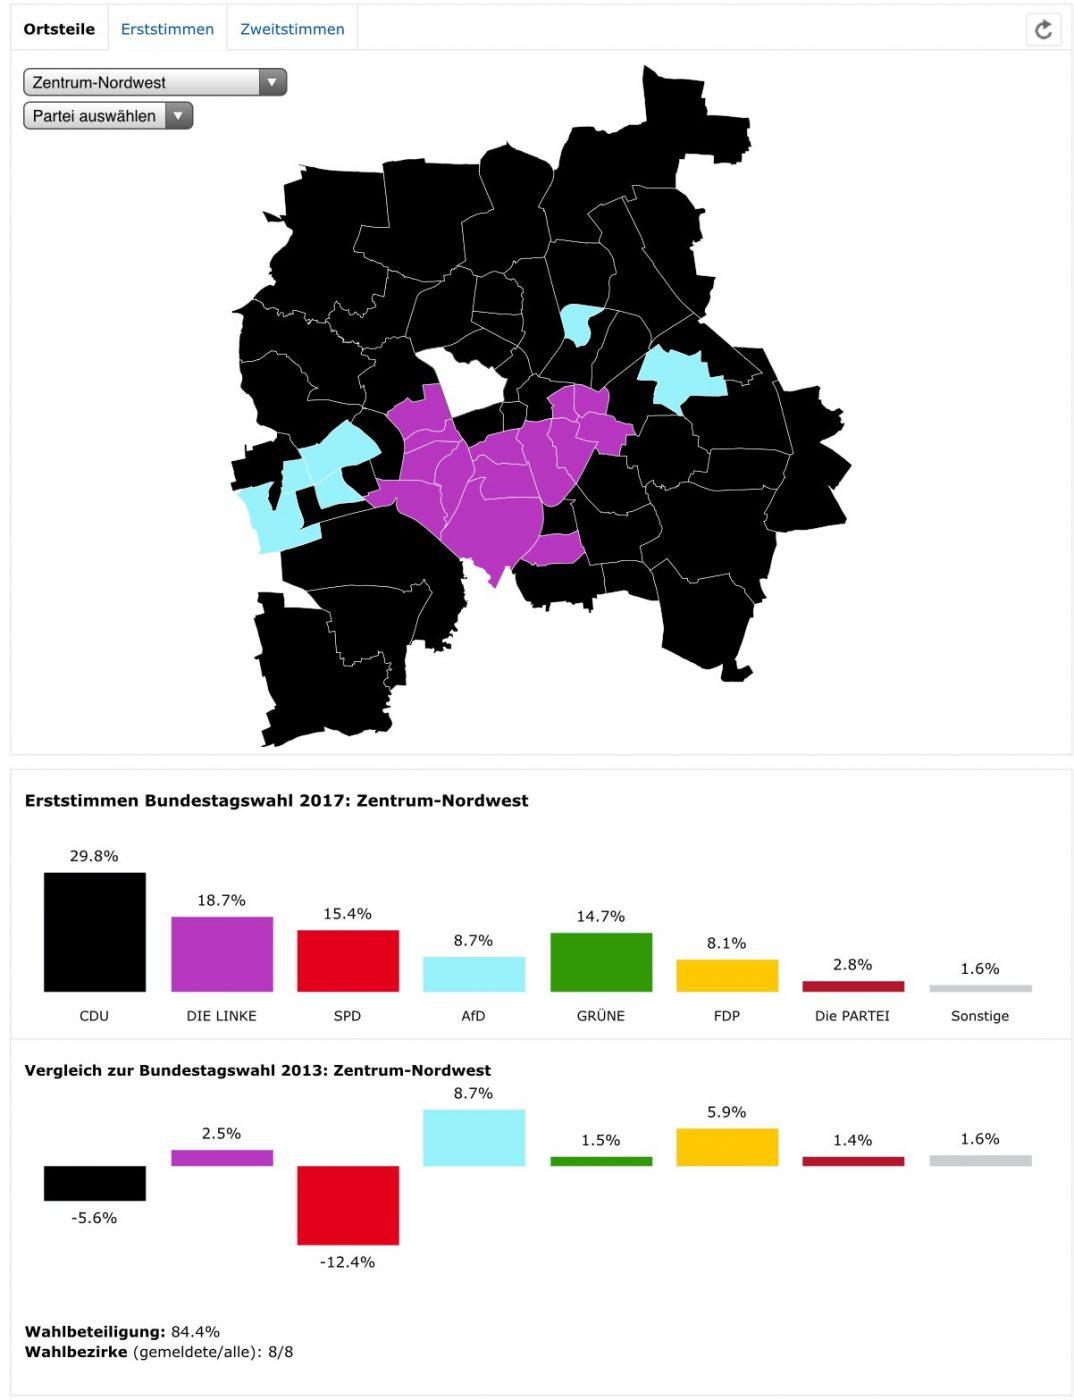 Erststimmen BTW 2017, Ortsteil Zentrum-West, Quelle: Amt für Statistik und Wahlen Leipzig.